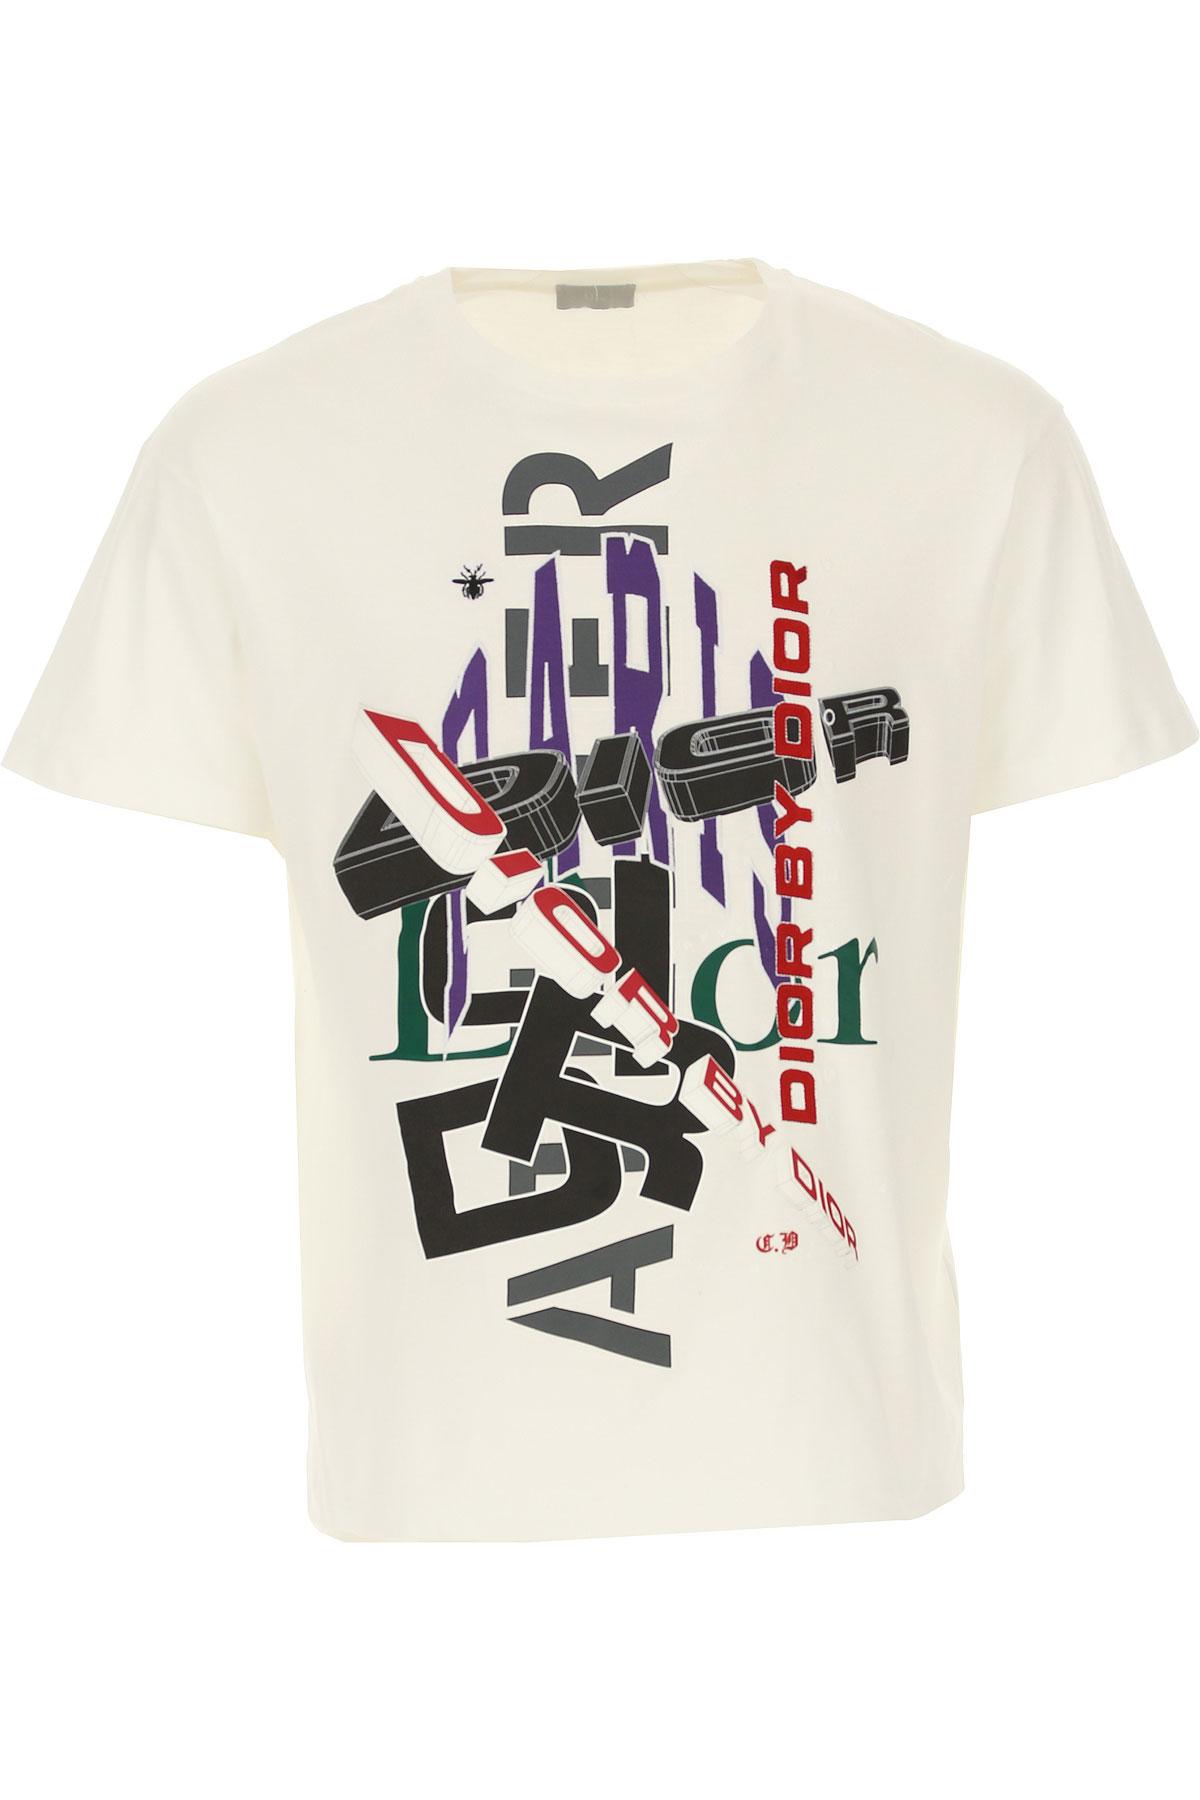 Christian Dior T-shirt Homme Pas cher en Soldes, Blanc, Coton, 2019, M XXL